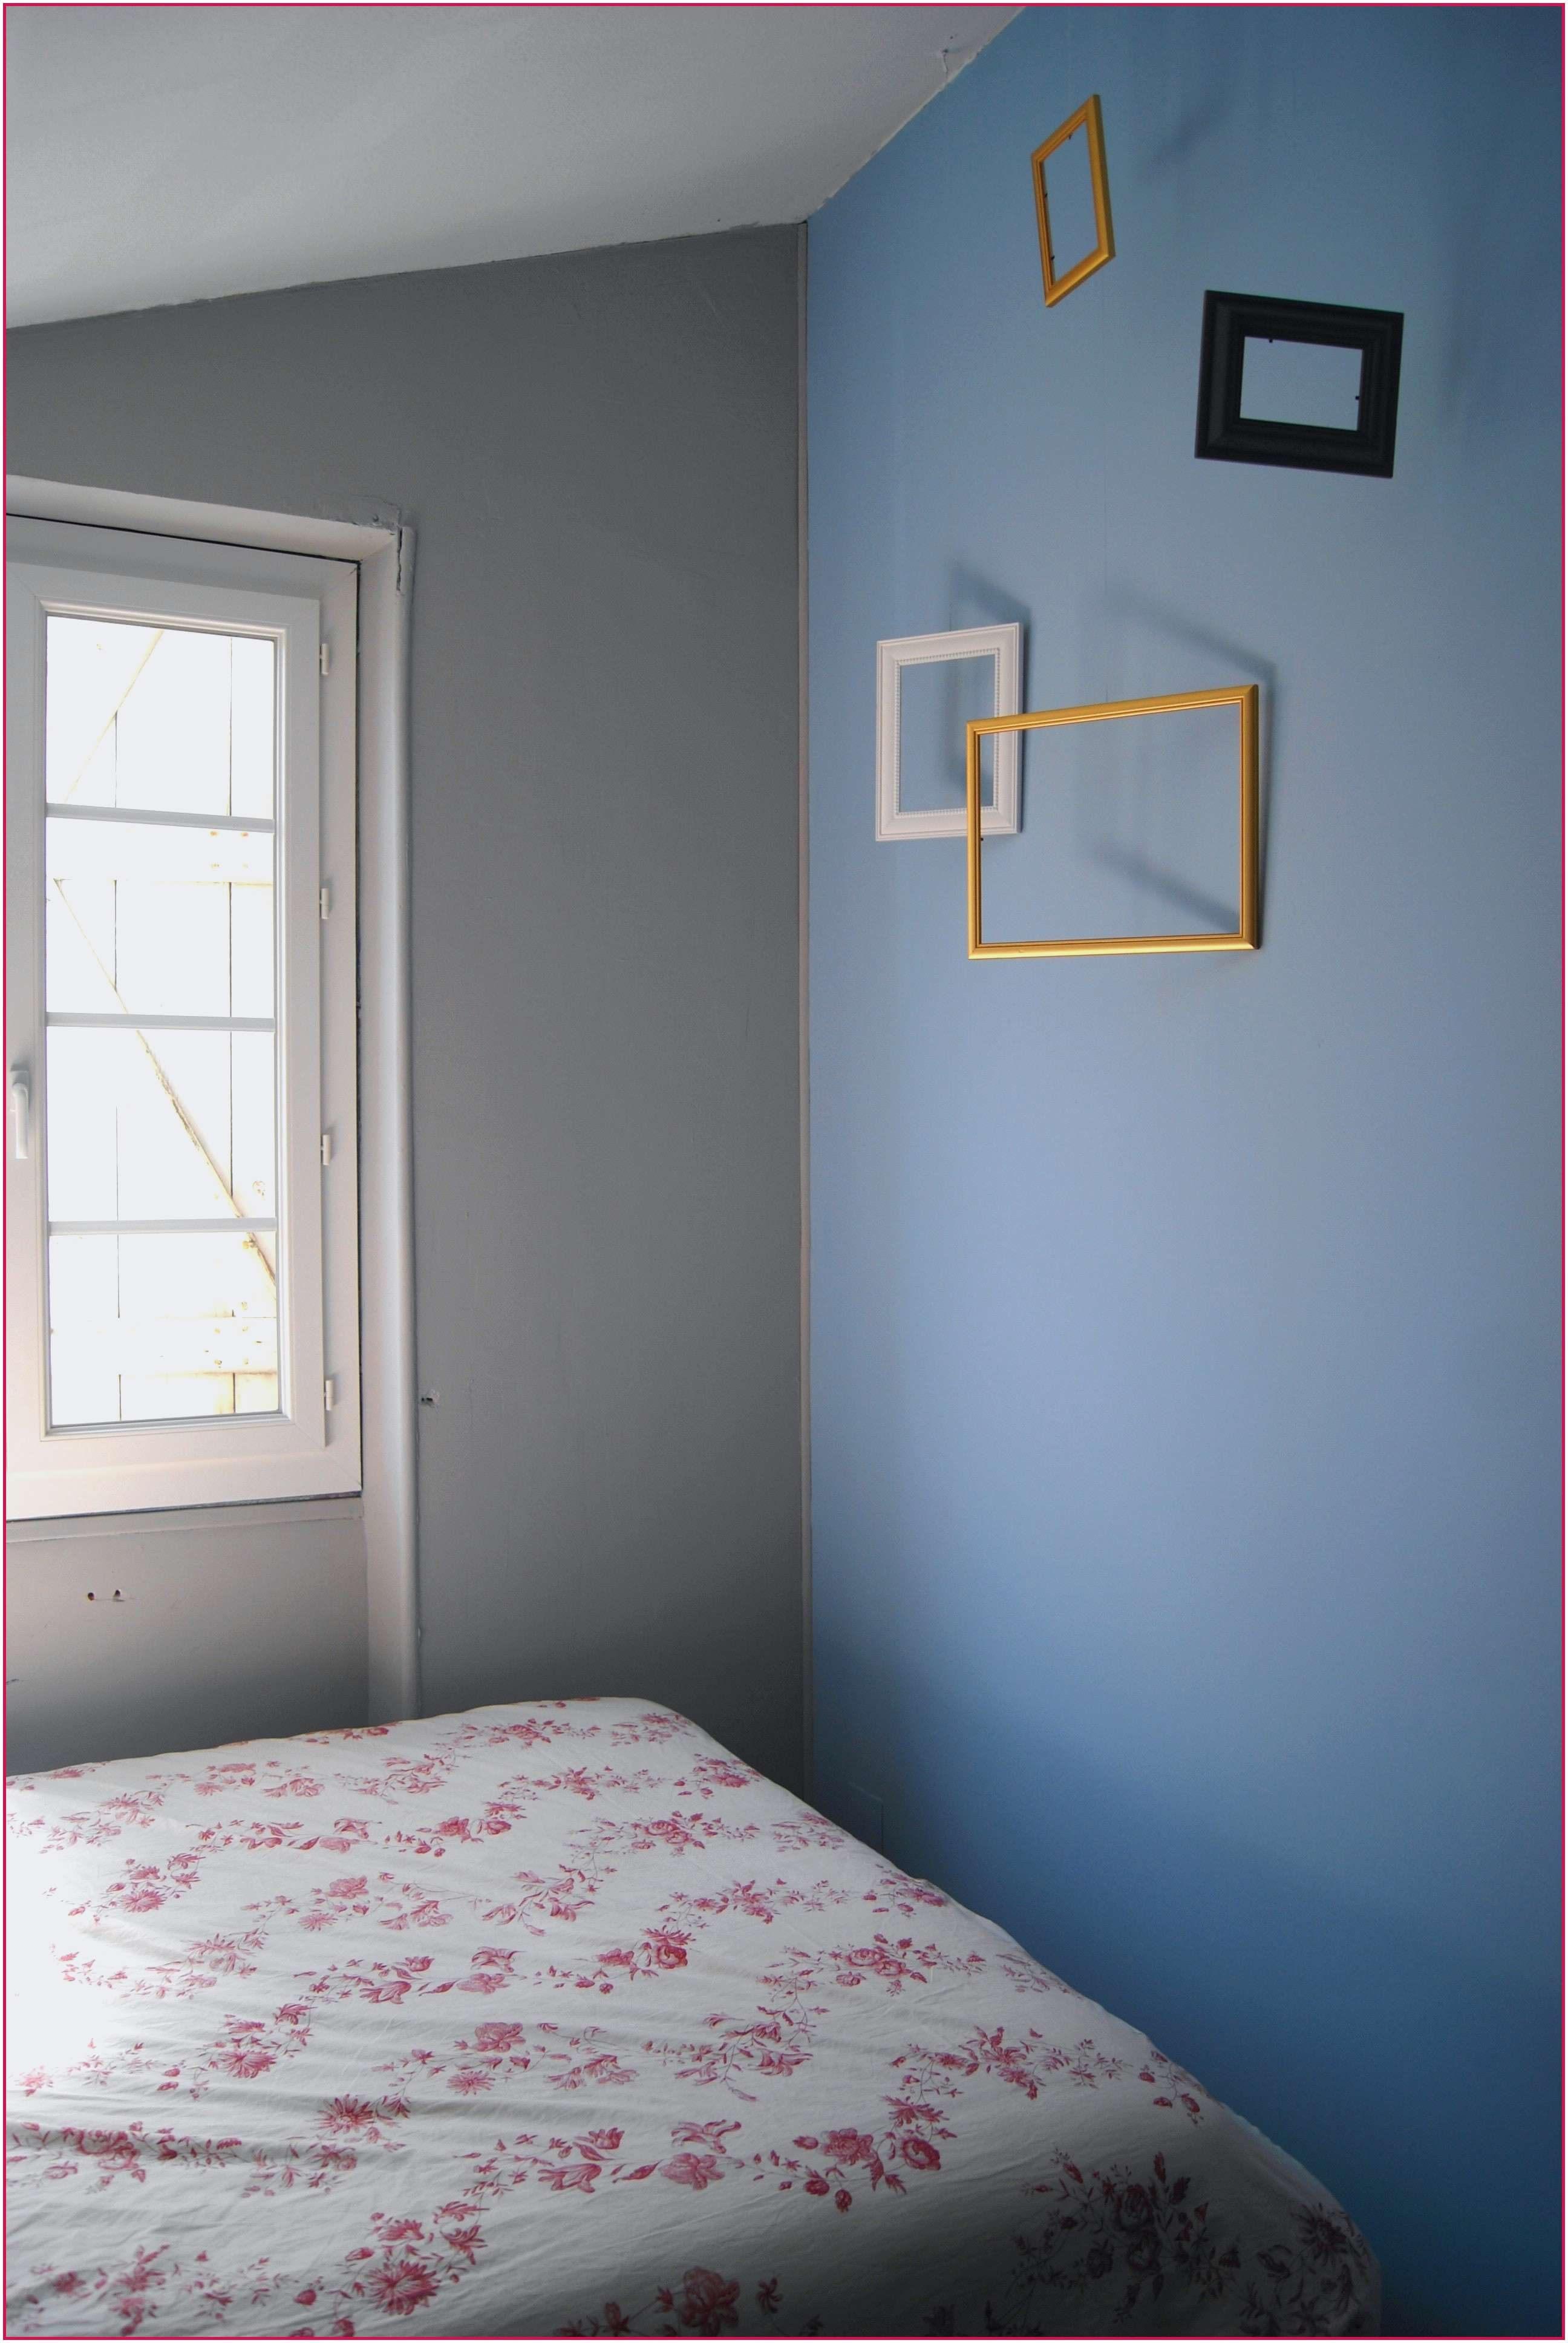 Accessoire Lit Bébé Génial Elégant Chambre Bleu Gris D Cor Avec Des Accessoires Motifs